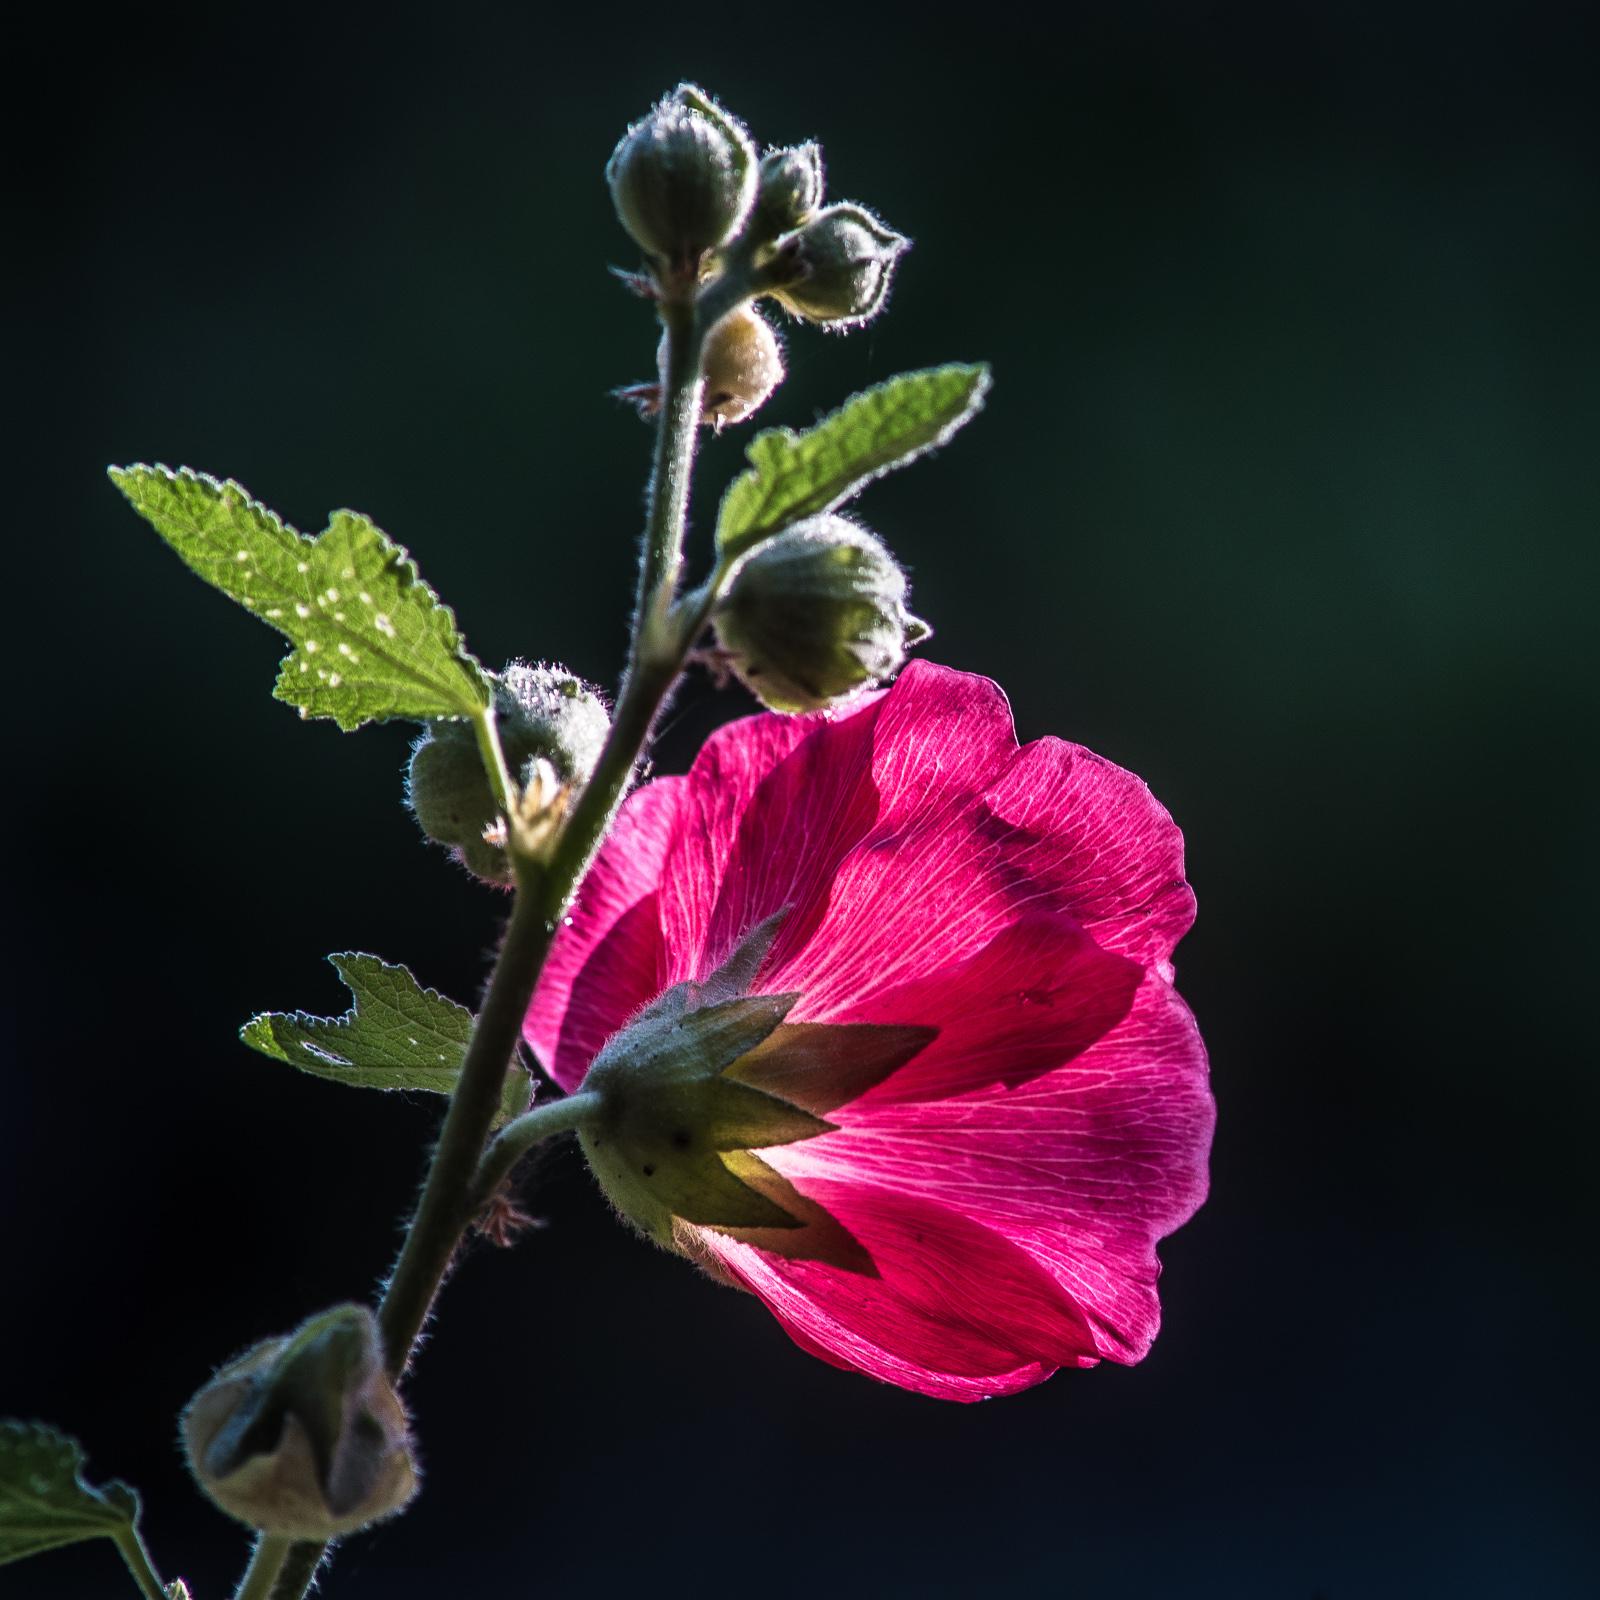 Stockrosenblüte im Gegenlicht